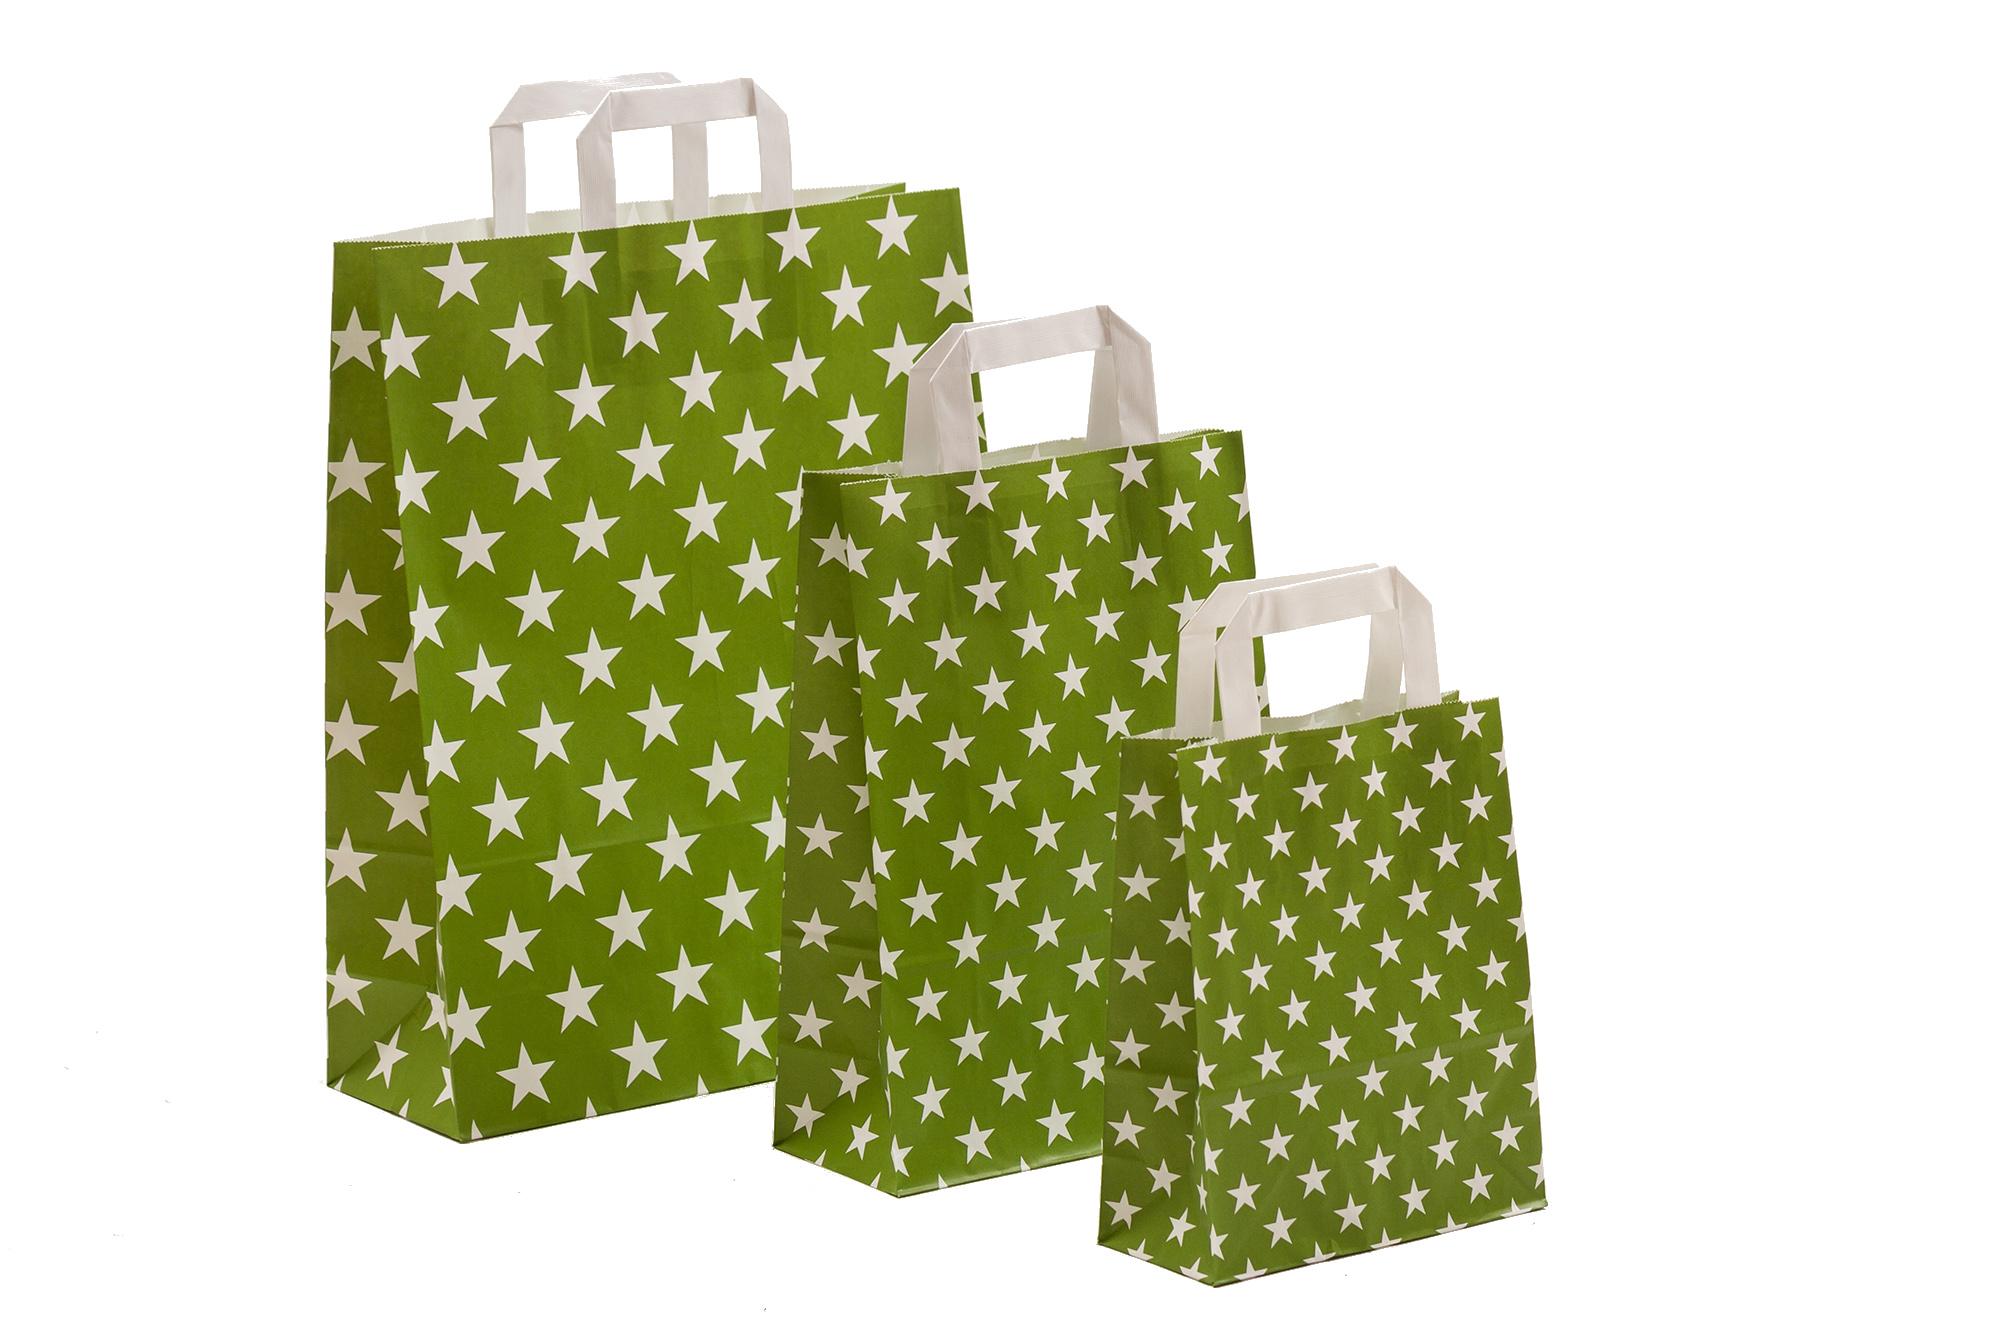 Papiertragetaschen Sterne grün